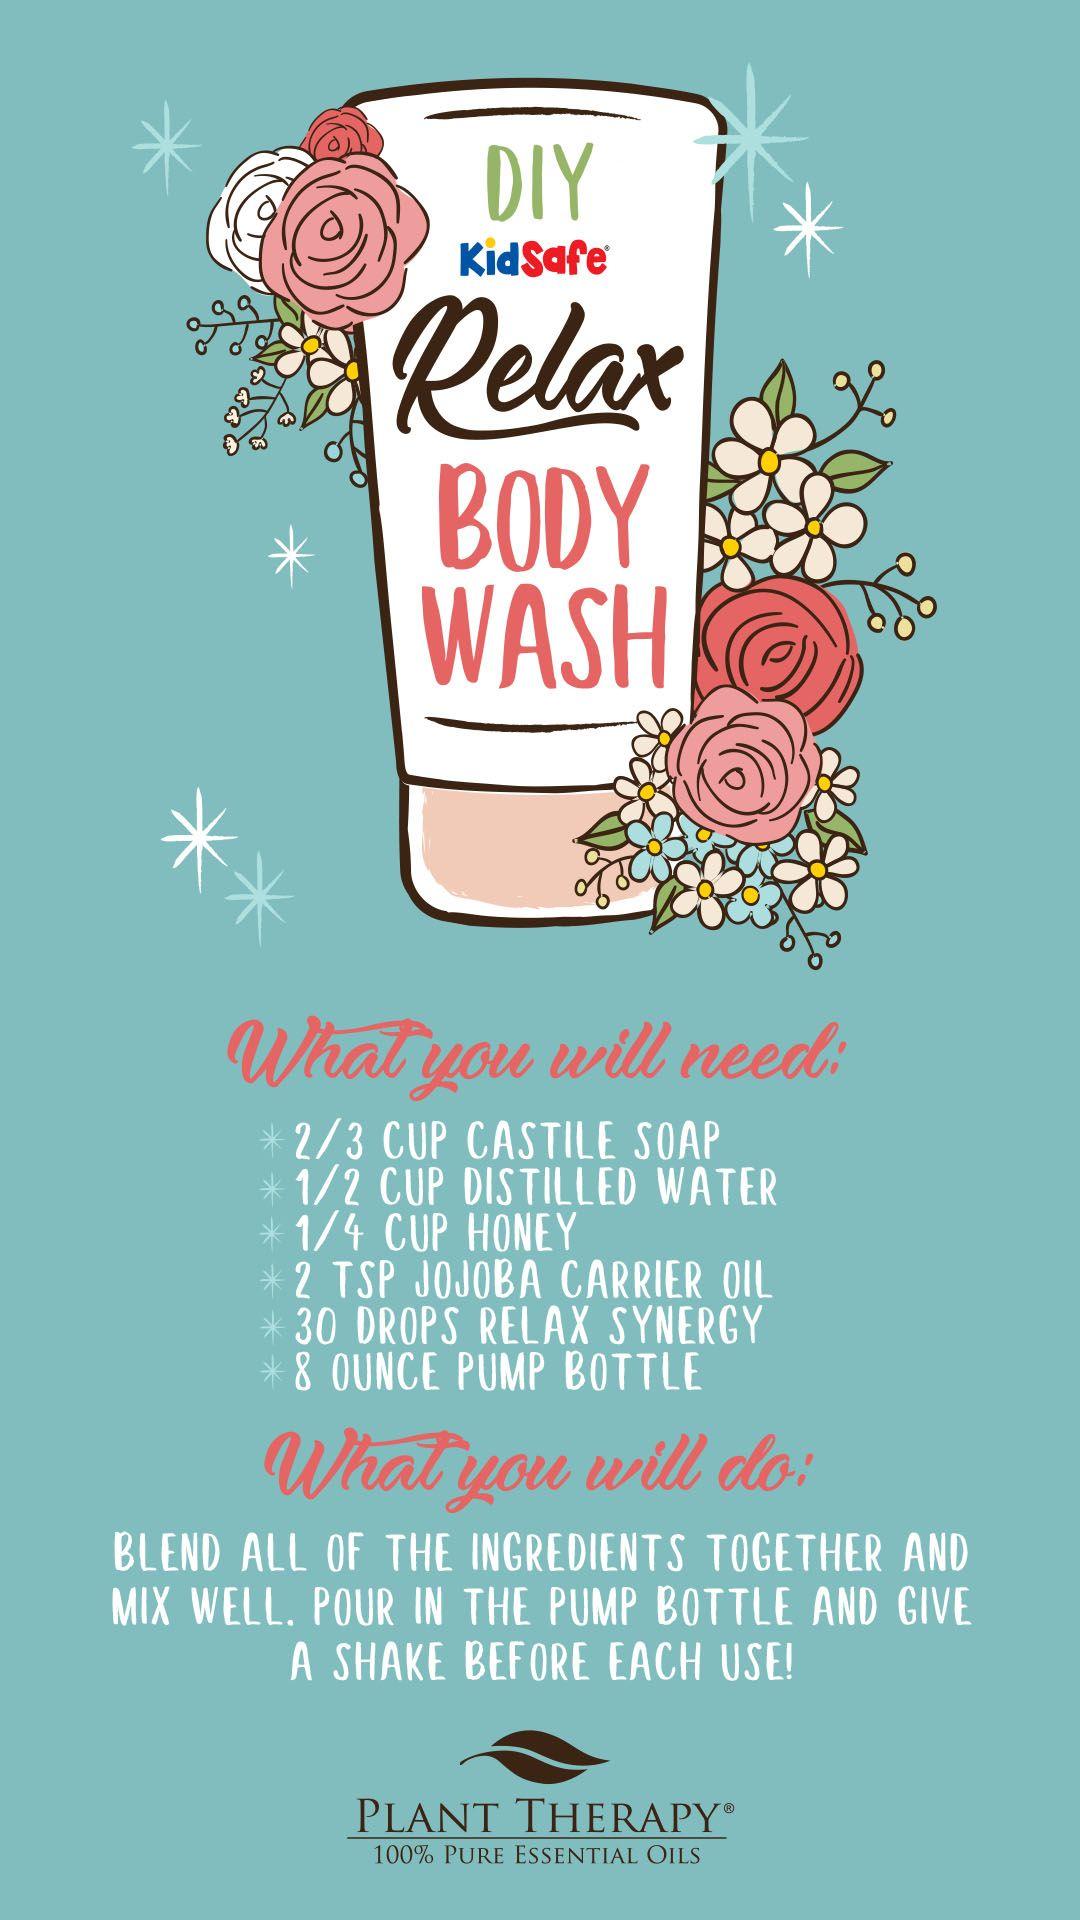 Diy essential oil body wash relax essential oils blend